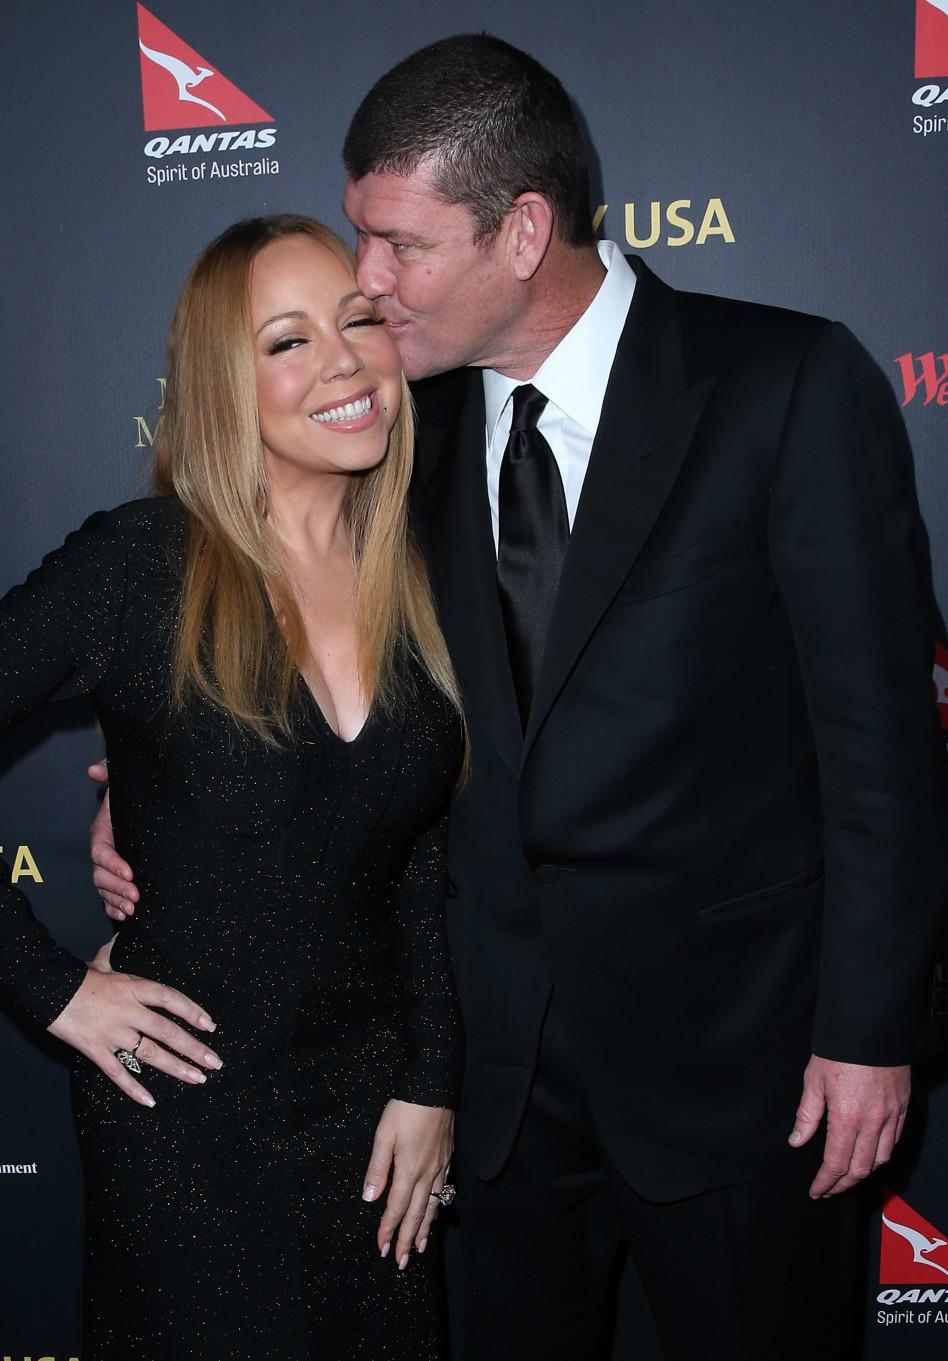 נשיקה, זה כל מה שהוא יקבל! מריה קארי וג'יימס פאקר (גטי)